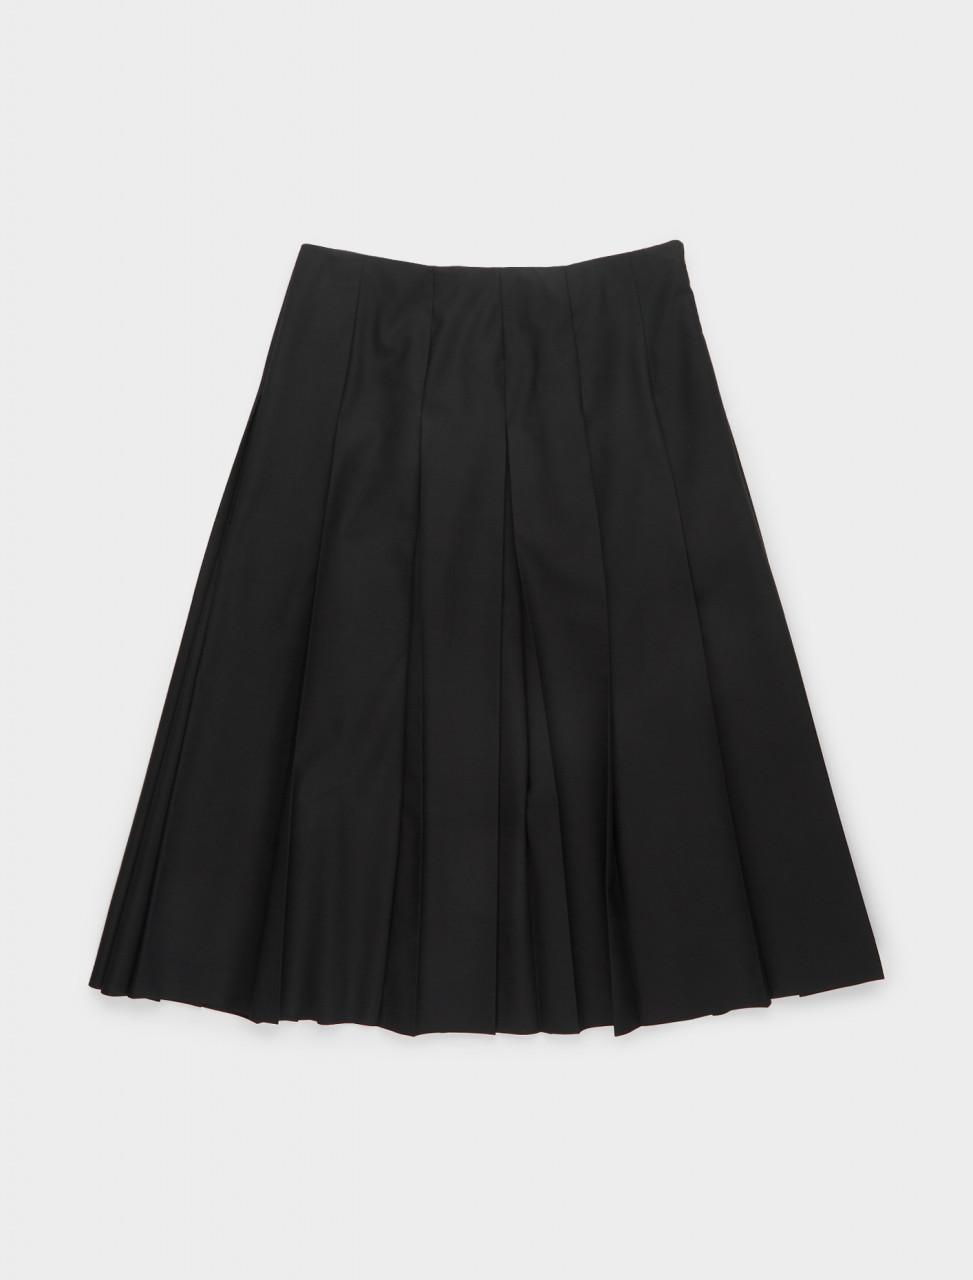 130-JSER350400-WR450202-401 JIL SANDER Essential Skirt in Dark Blue